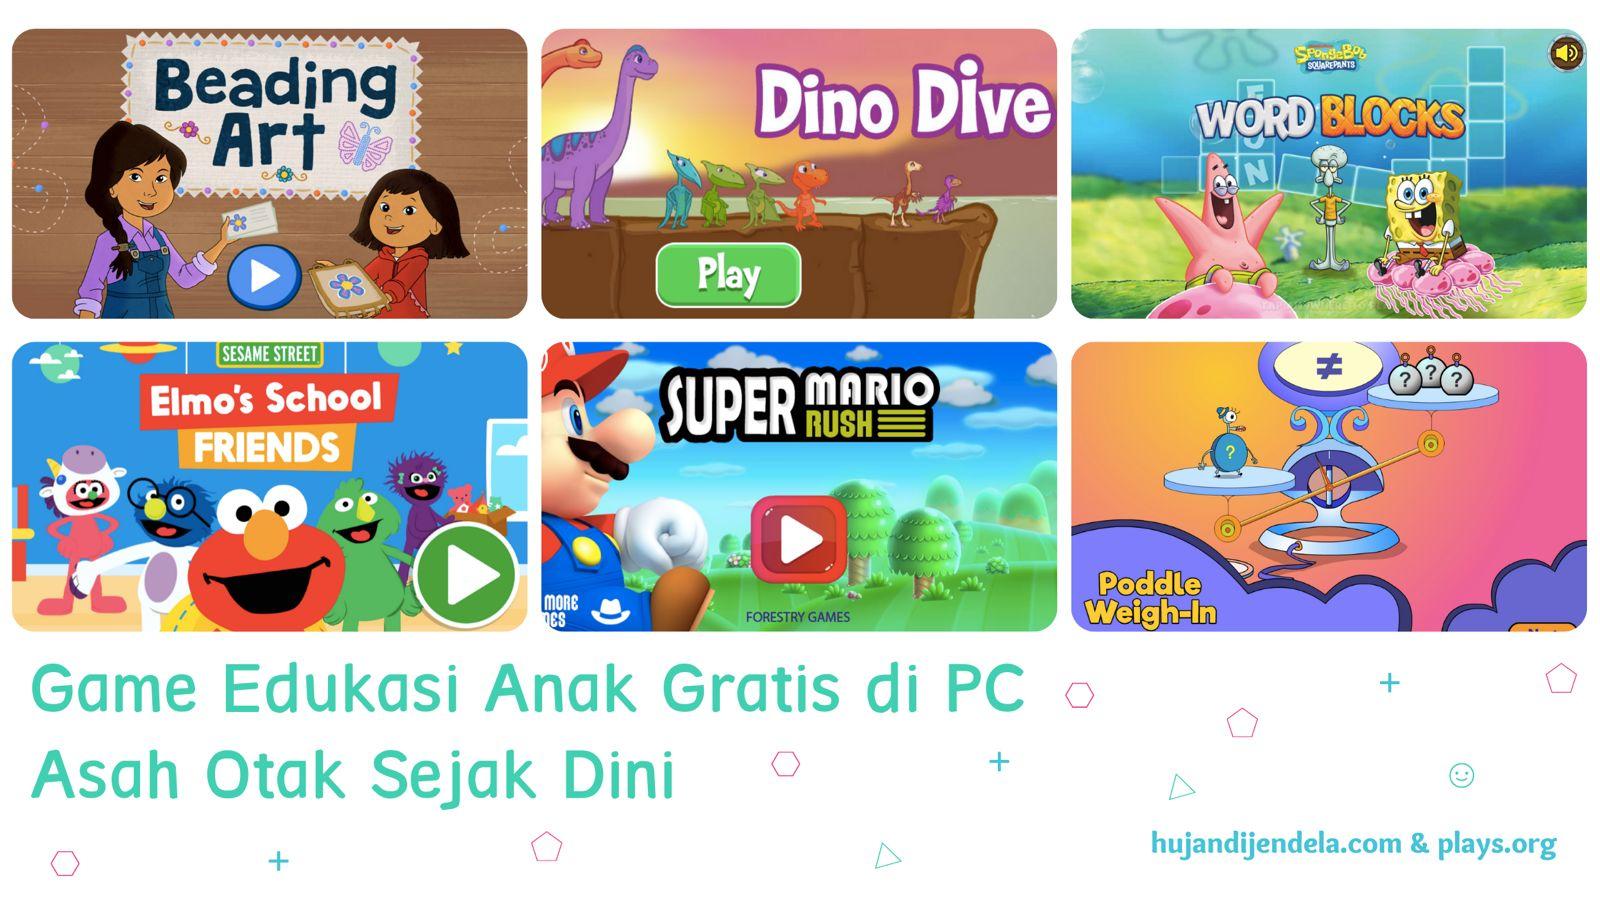 Game Edukasi Anak Gratis di PC - Asah Otak Anak Sejak Dini - Cover 3